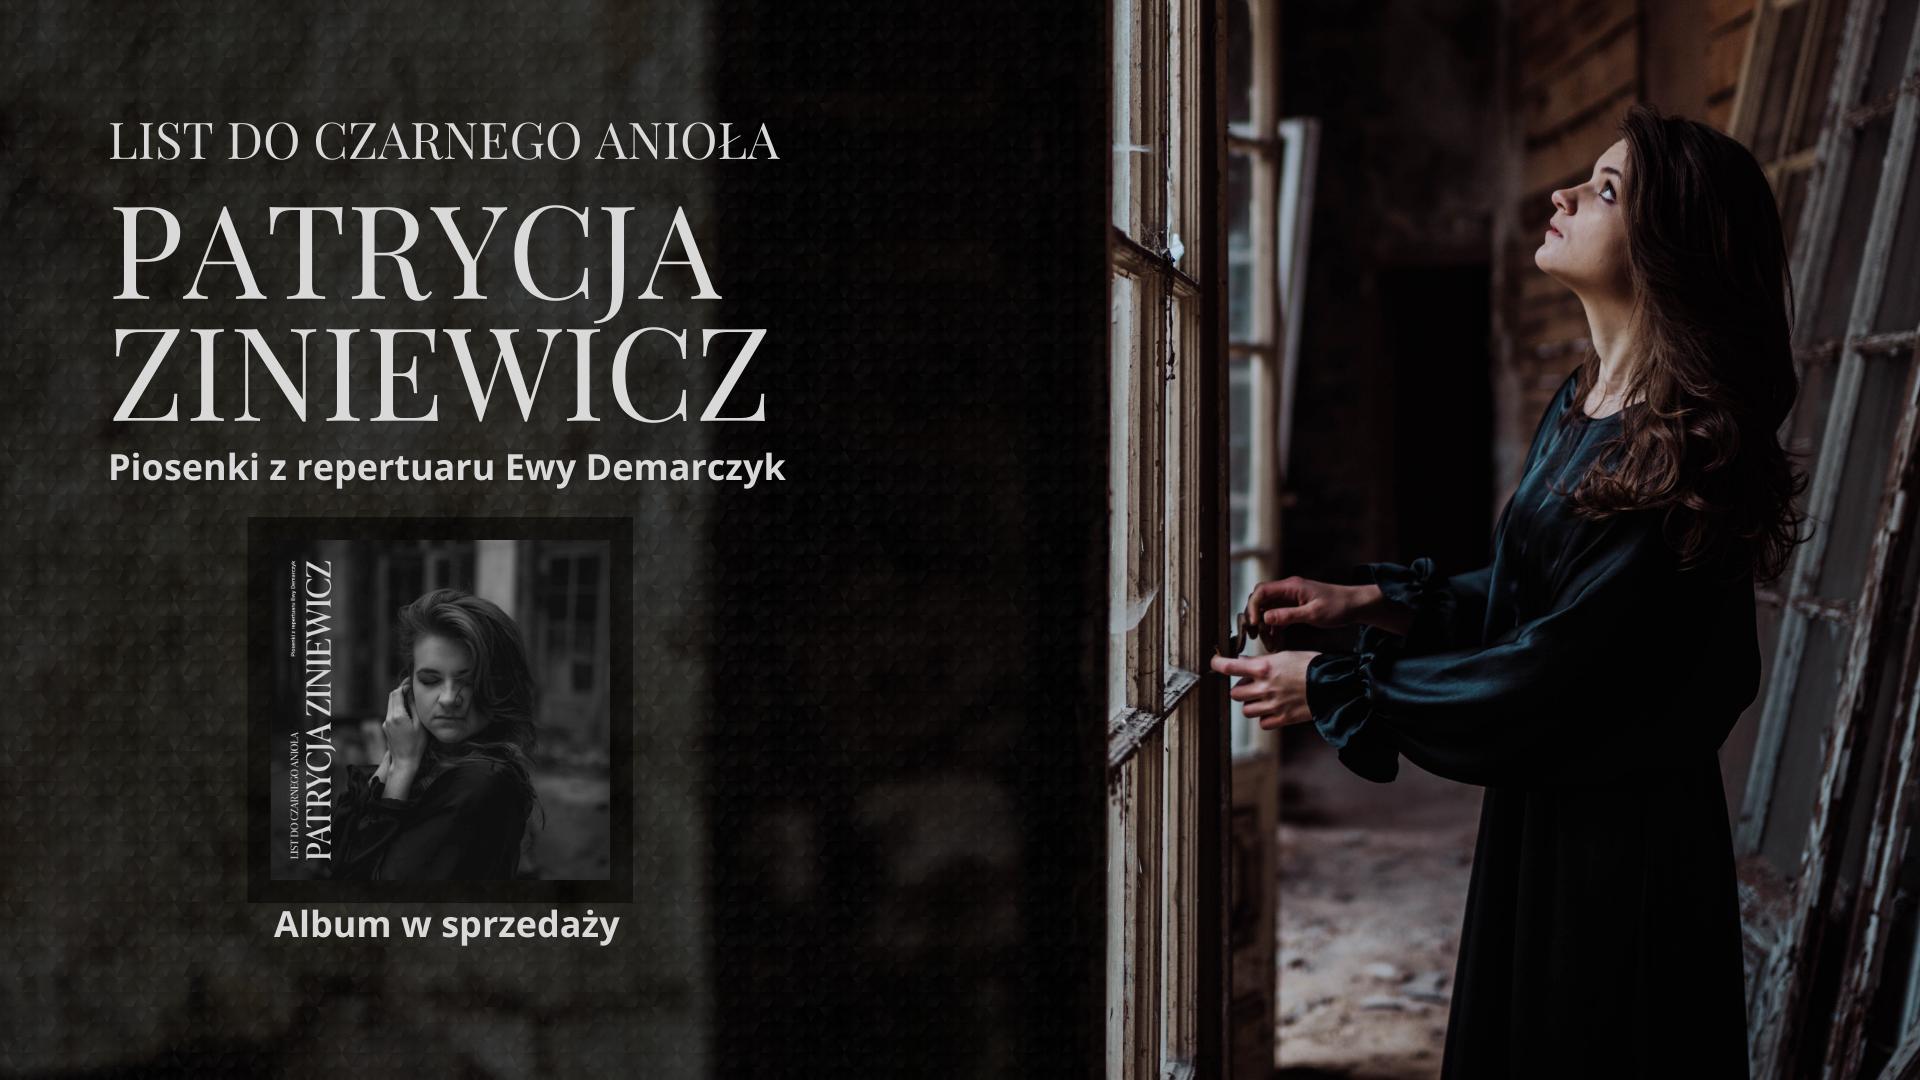 Patrycja Ziniewicz – List do Czarnego Anioła (piosenki z repertuaru Ewy Demarczyk) / BOTO FEST